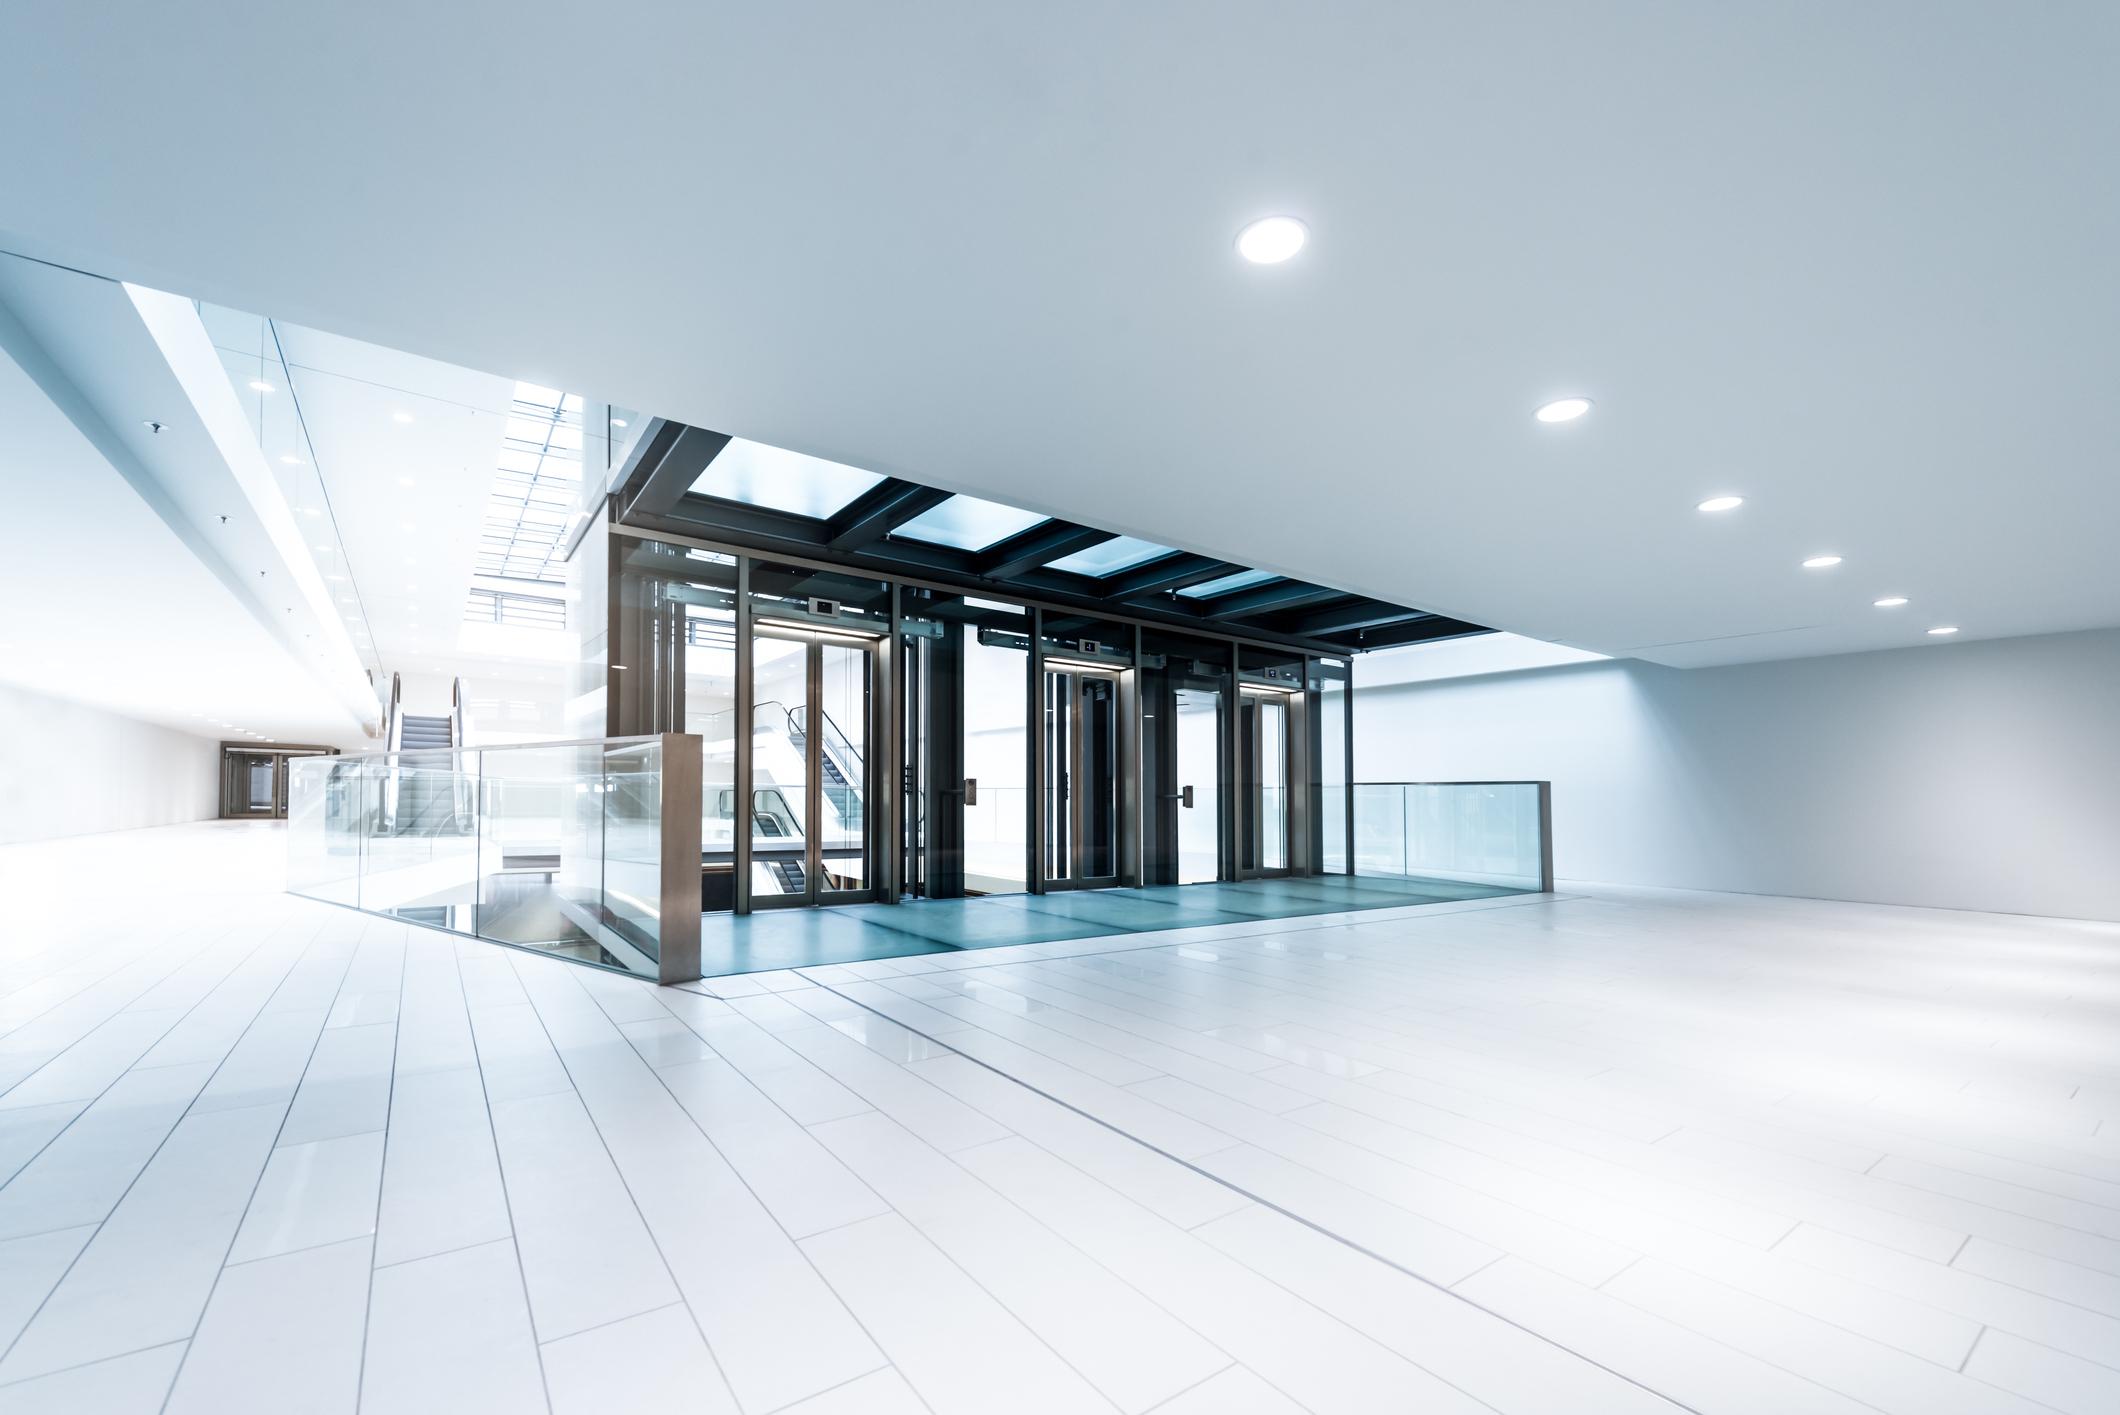 ¿Cuánto cuesta tener una casa del futuro?